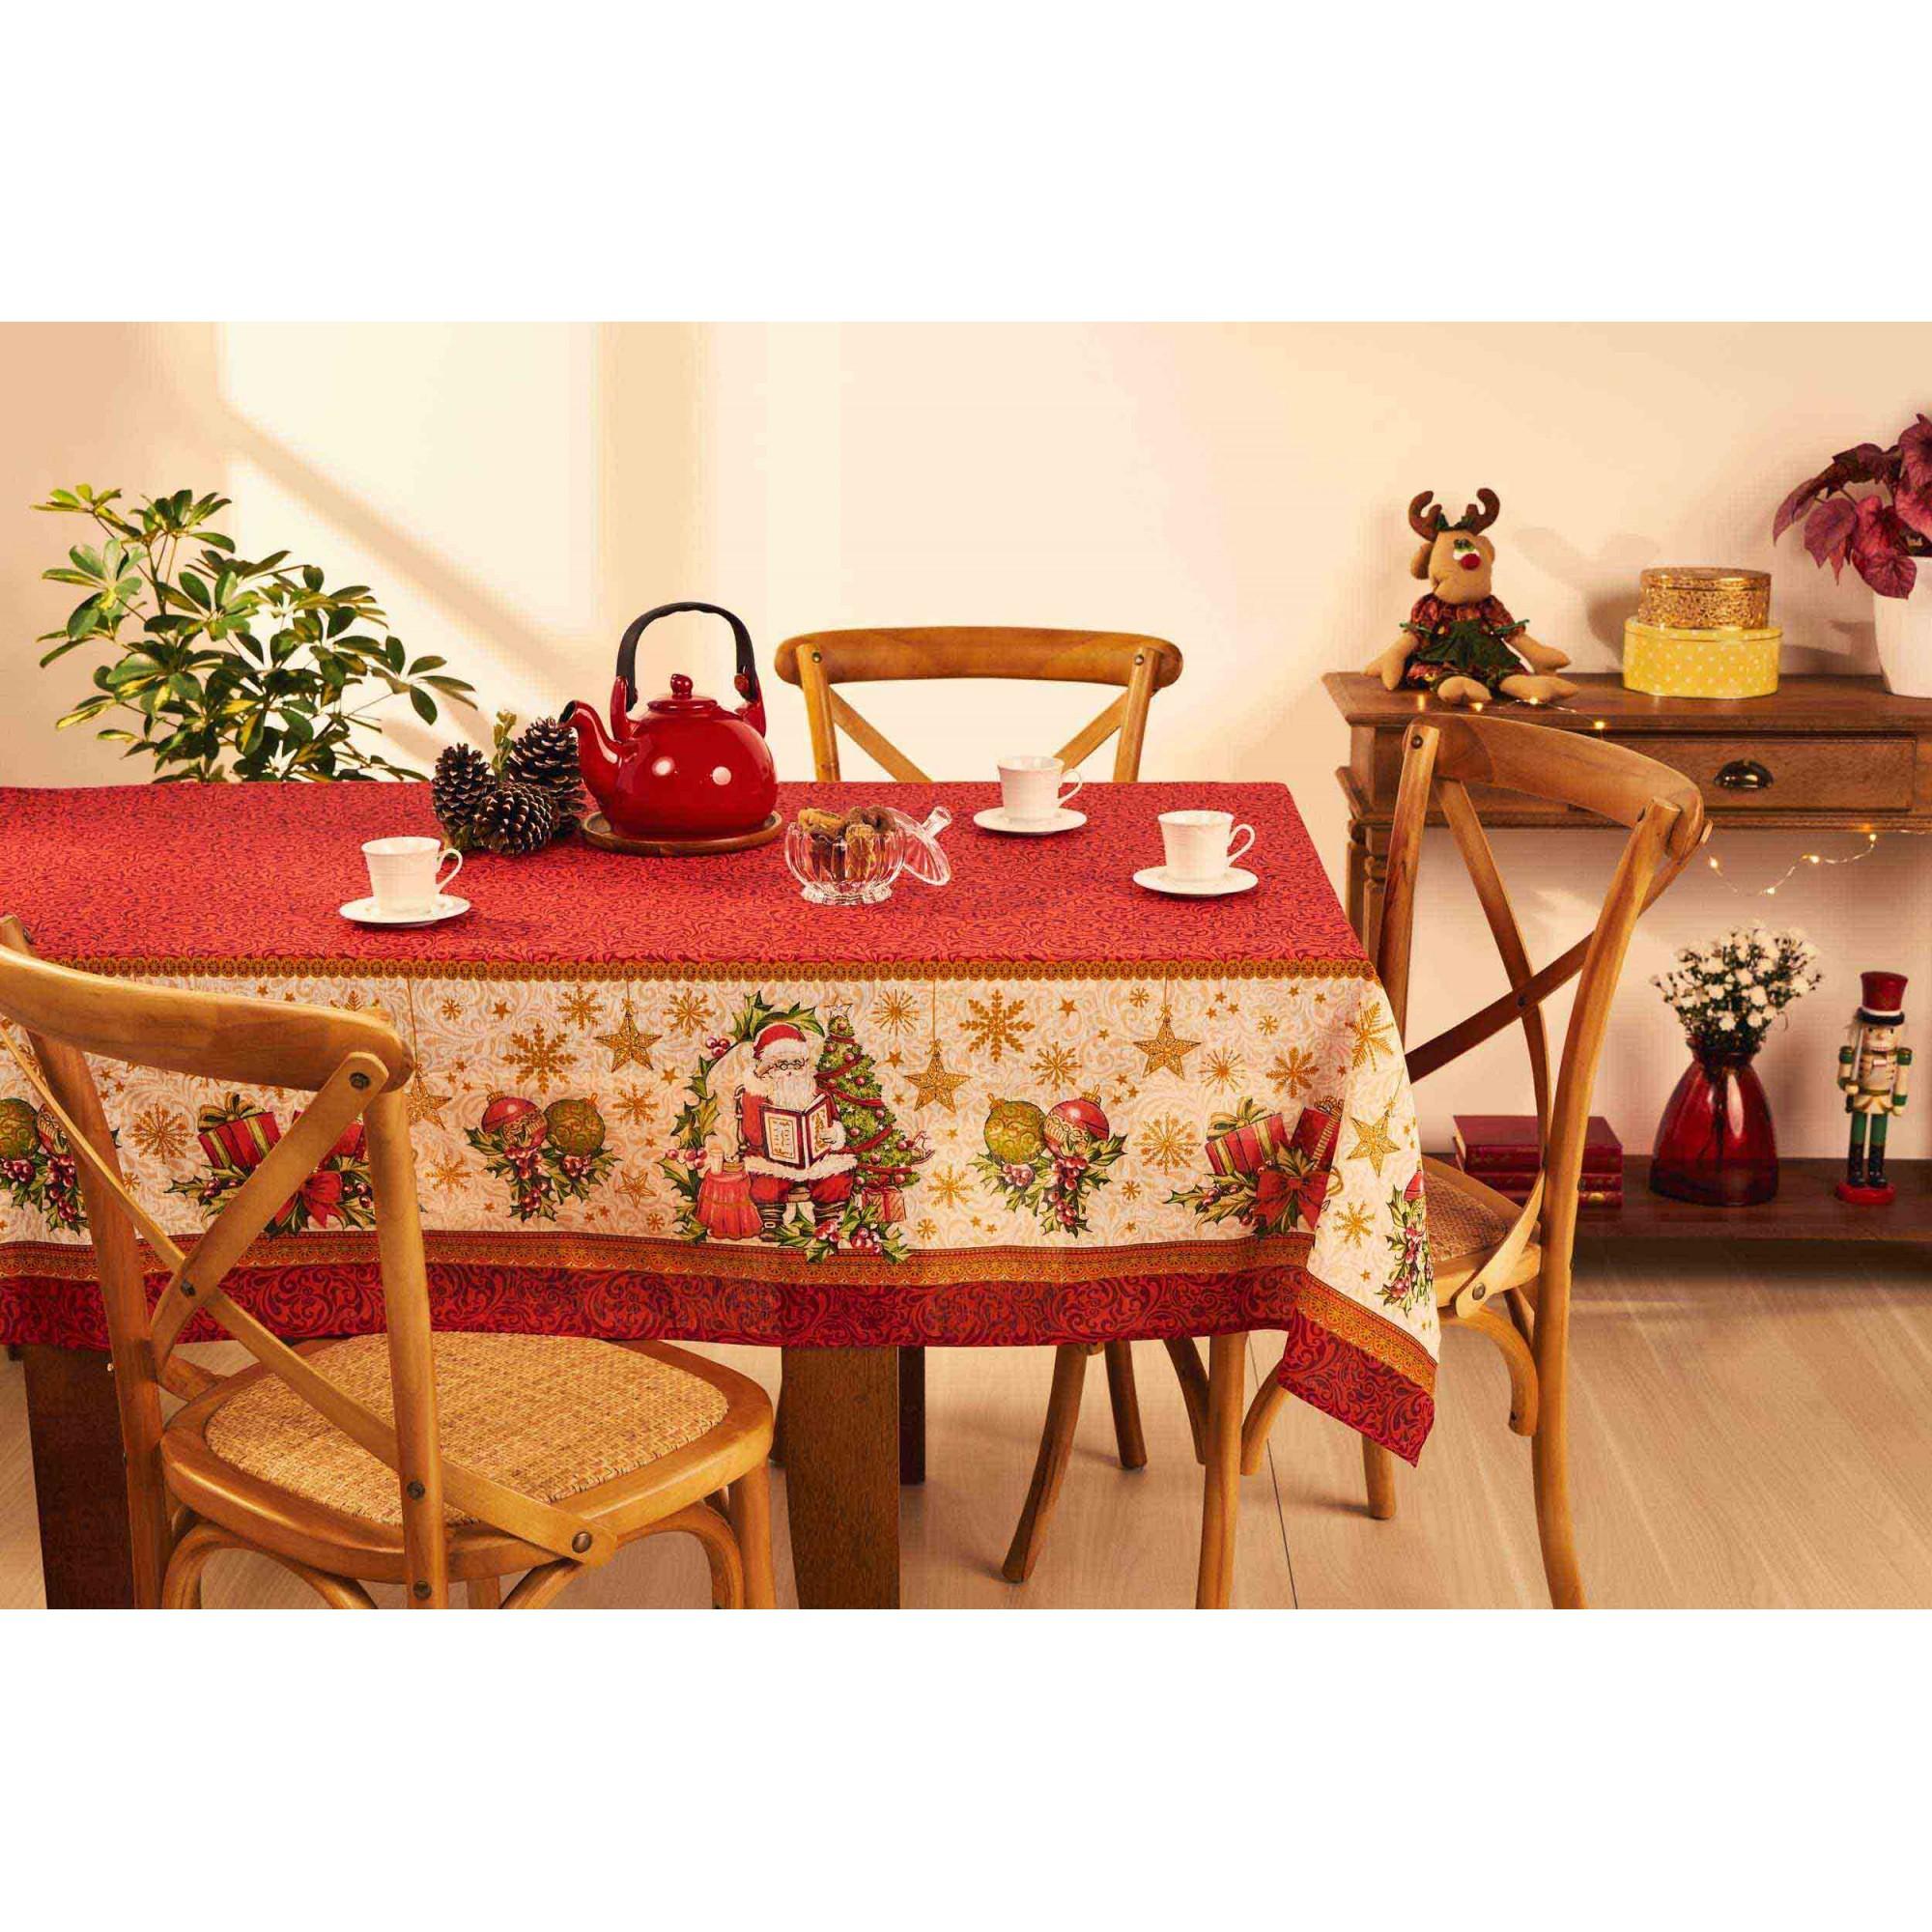 Toalha de Mesa Noite Feliz Natal Quadrada 4 Lugares 36632 Lepper